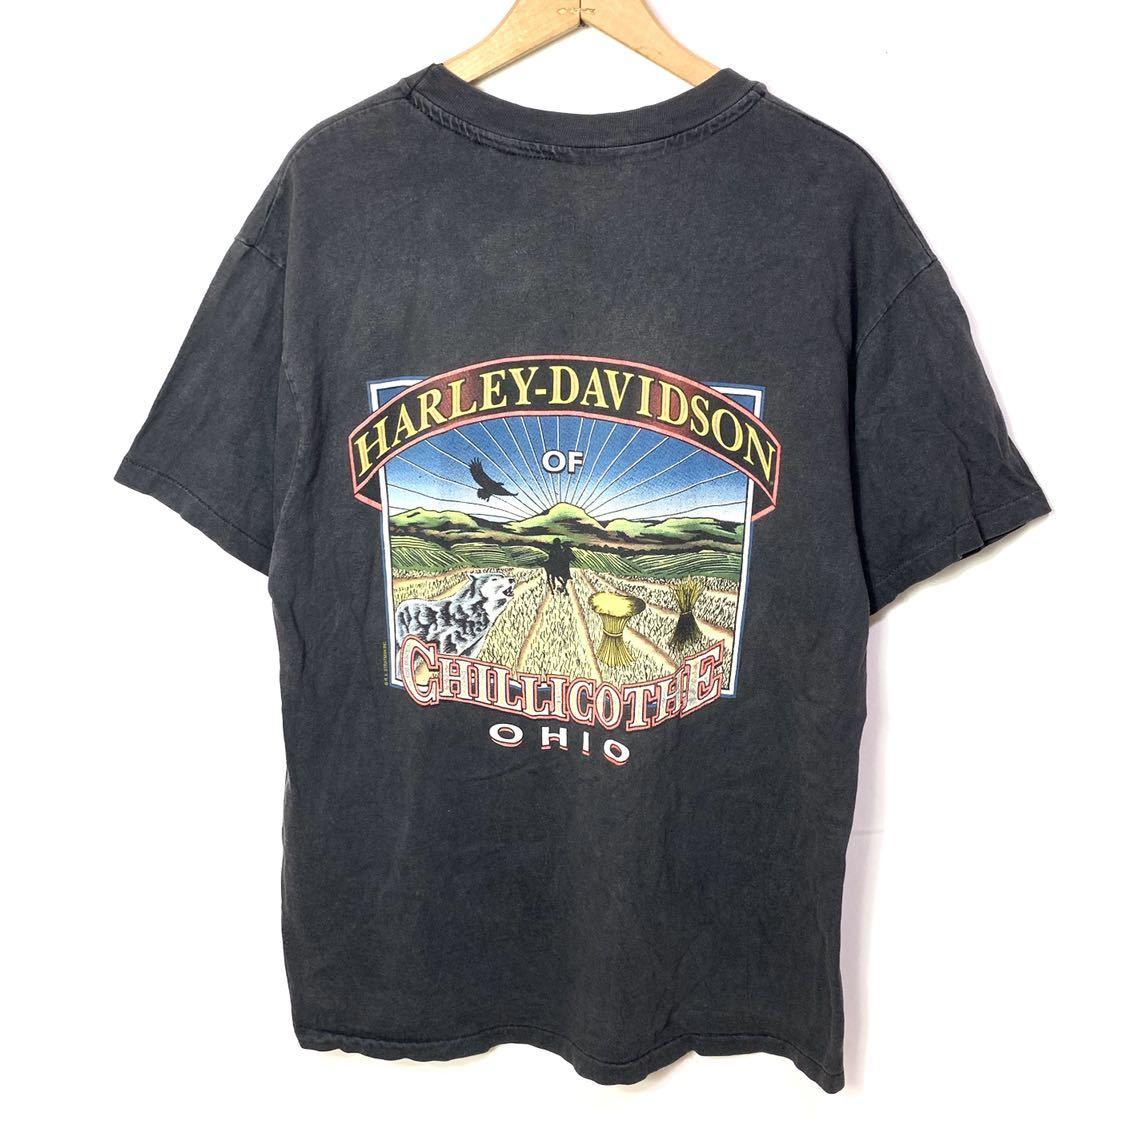 ■HARLEY-DAVIDSON ハーレーダビッドソン CHILLICOTHE OHIO イーグルロゴ プリント 半袖Tシャツ/古着 アメカジ バイカー ブラック 黒色■_画像5